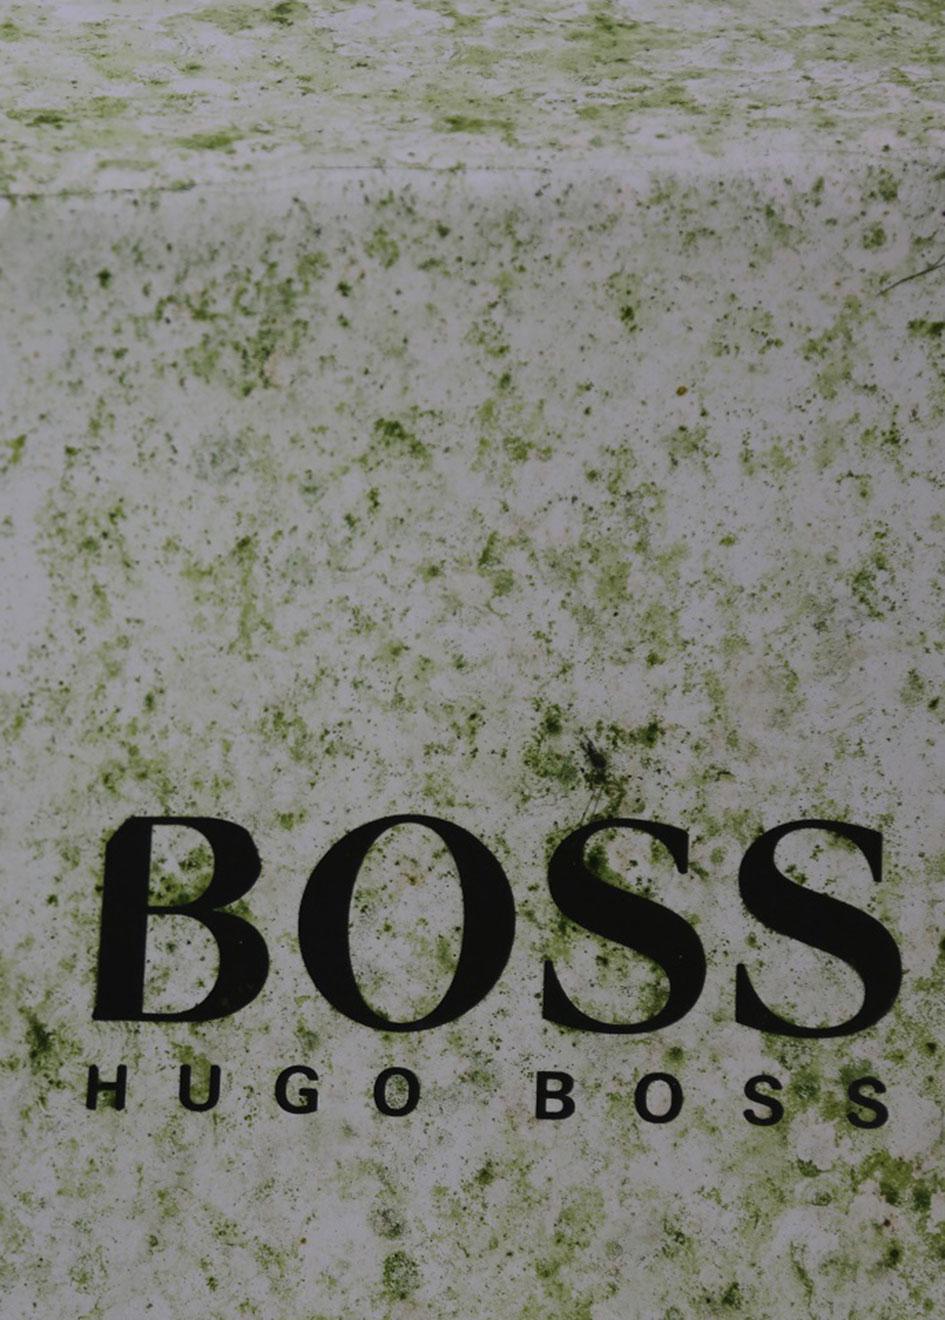 Hugo Boss branding on the hull